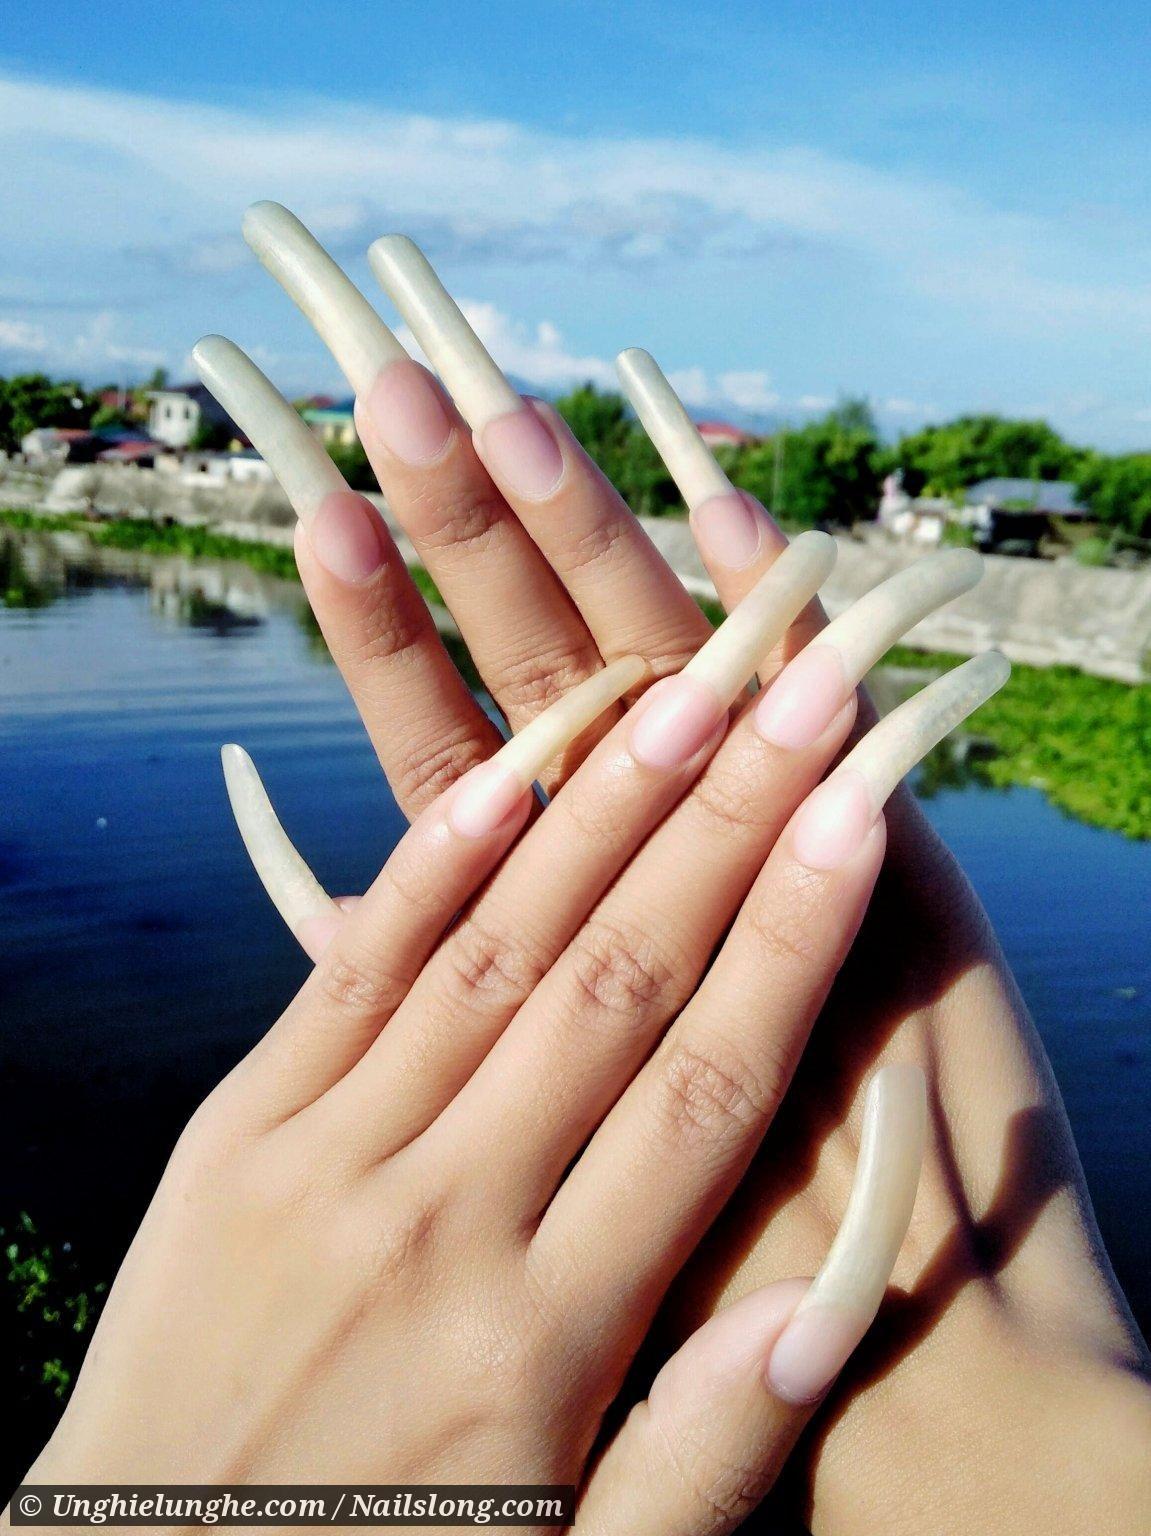 93943 Jpg 1151 1536 Natural Nails Long Natural Nails Curved Nails